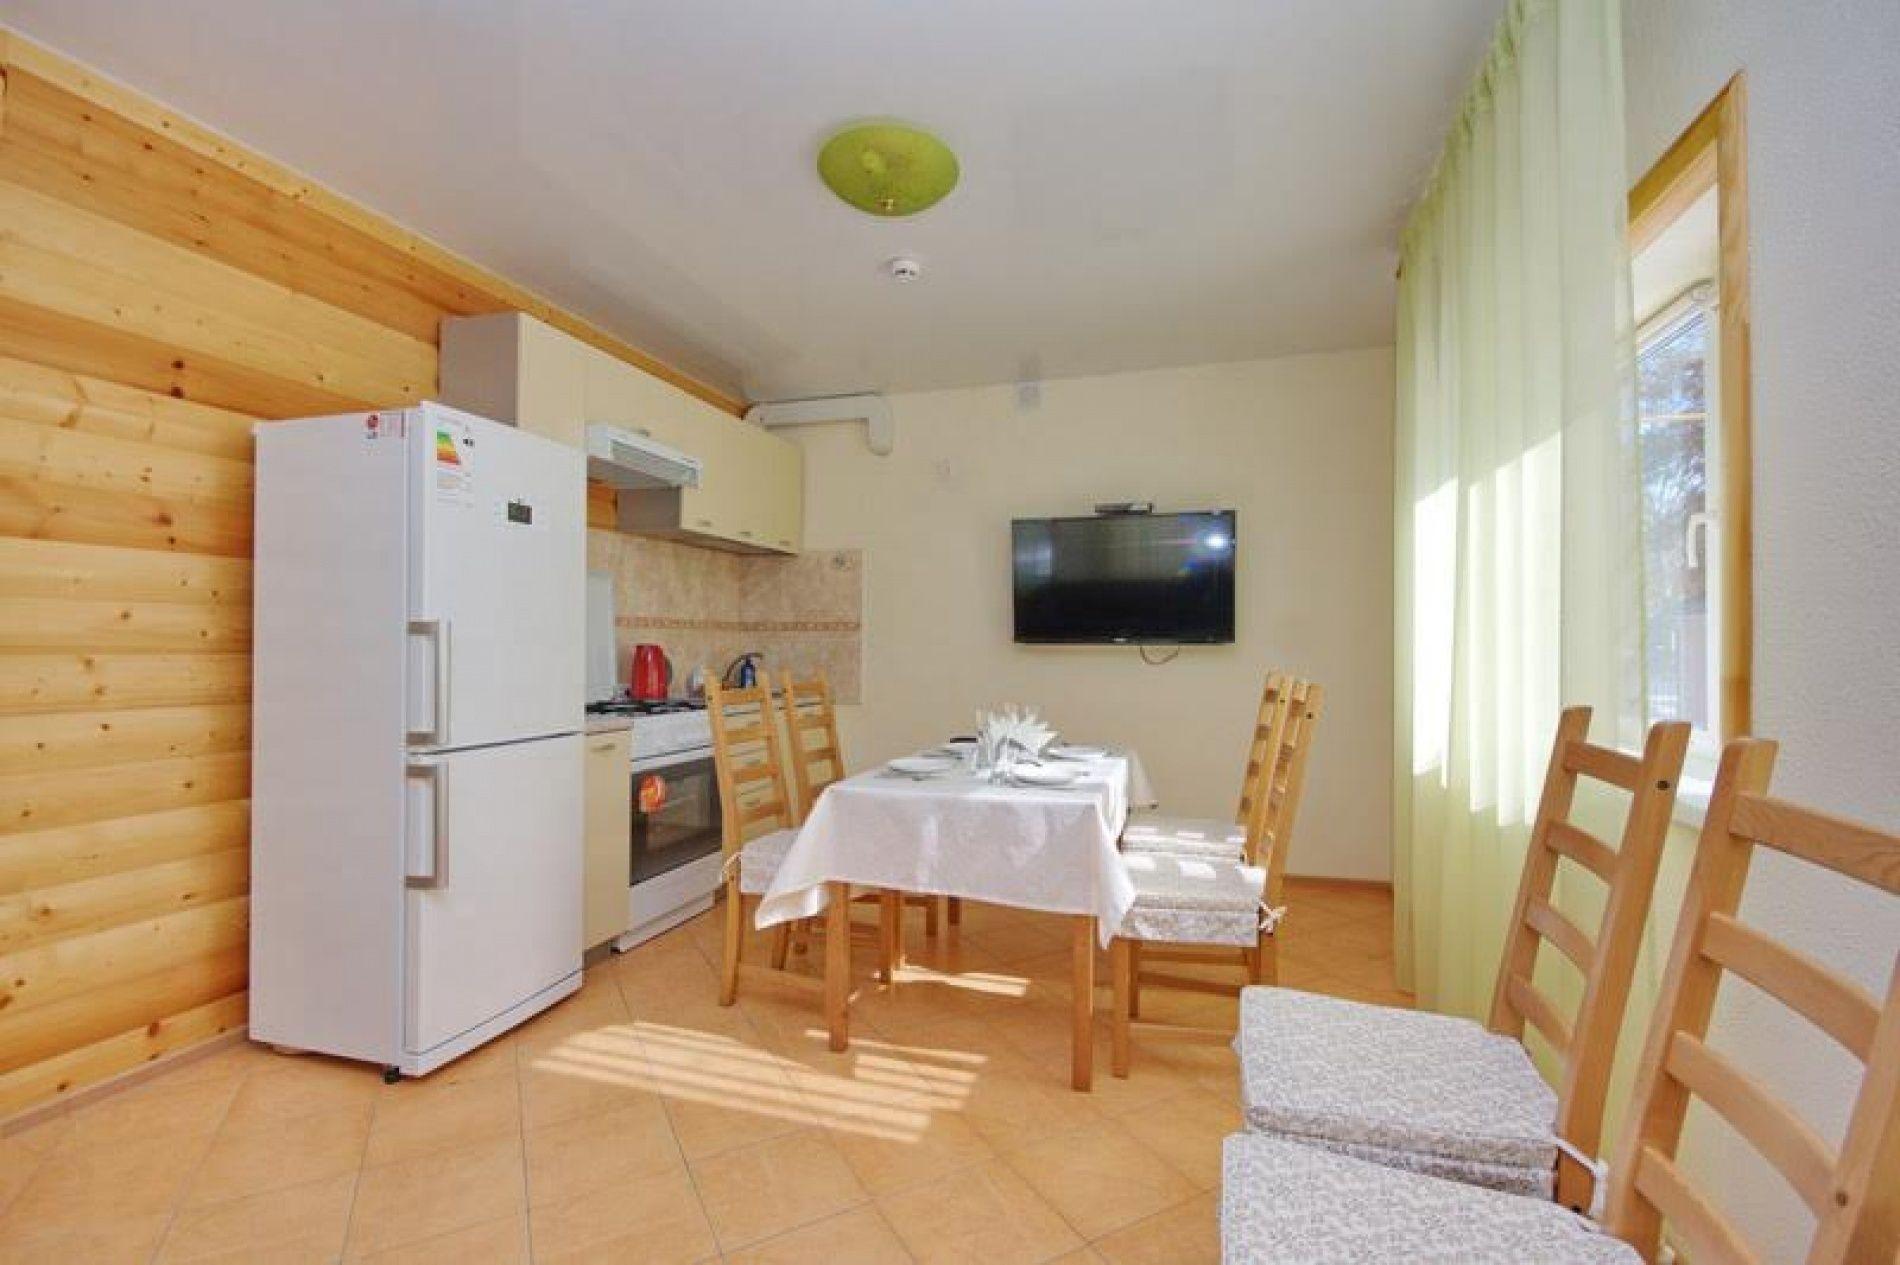 База отдыха «Уютная» Ульяновская область 4-х местный VIP номер, фото 4